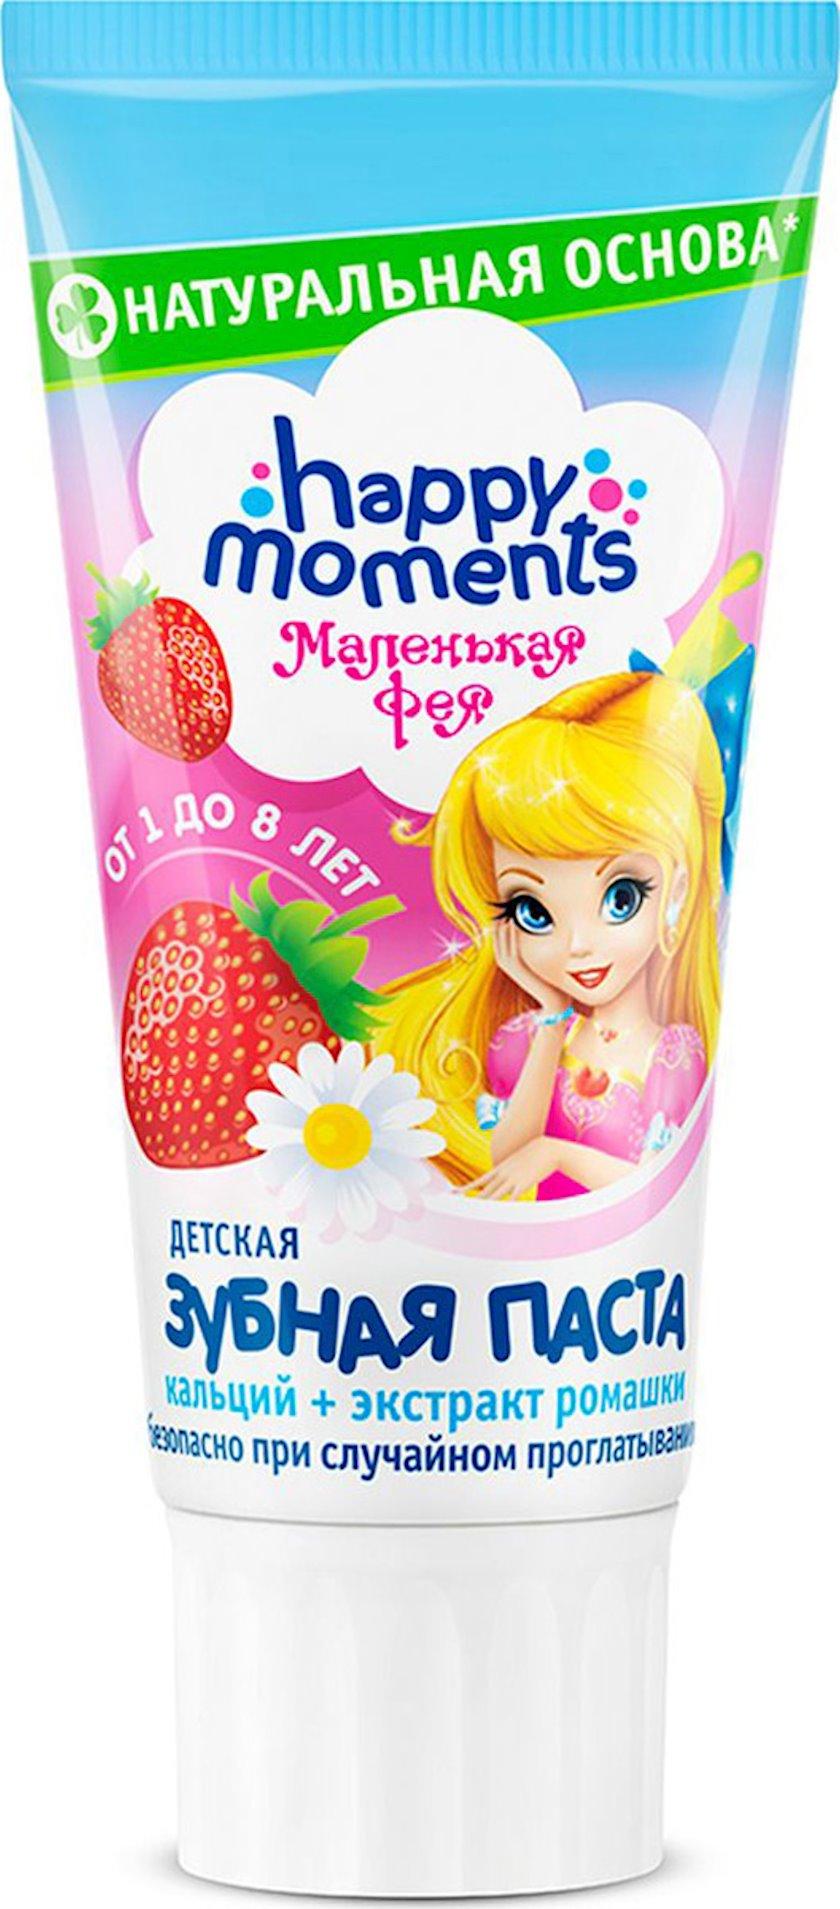 Diş pastası uşaqlar üçün Happy moments Маленькая Фея Mirvari gülüşü. Çiyələkli həyal, 60 ml